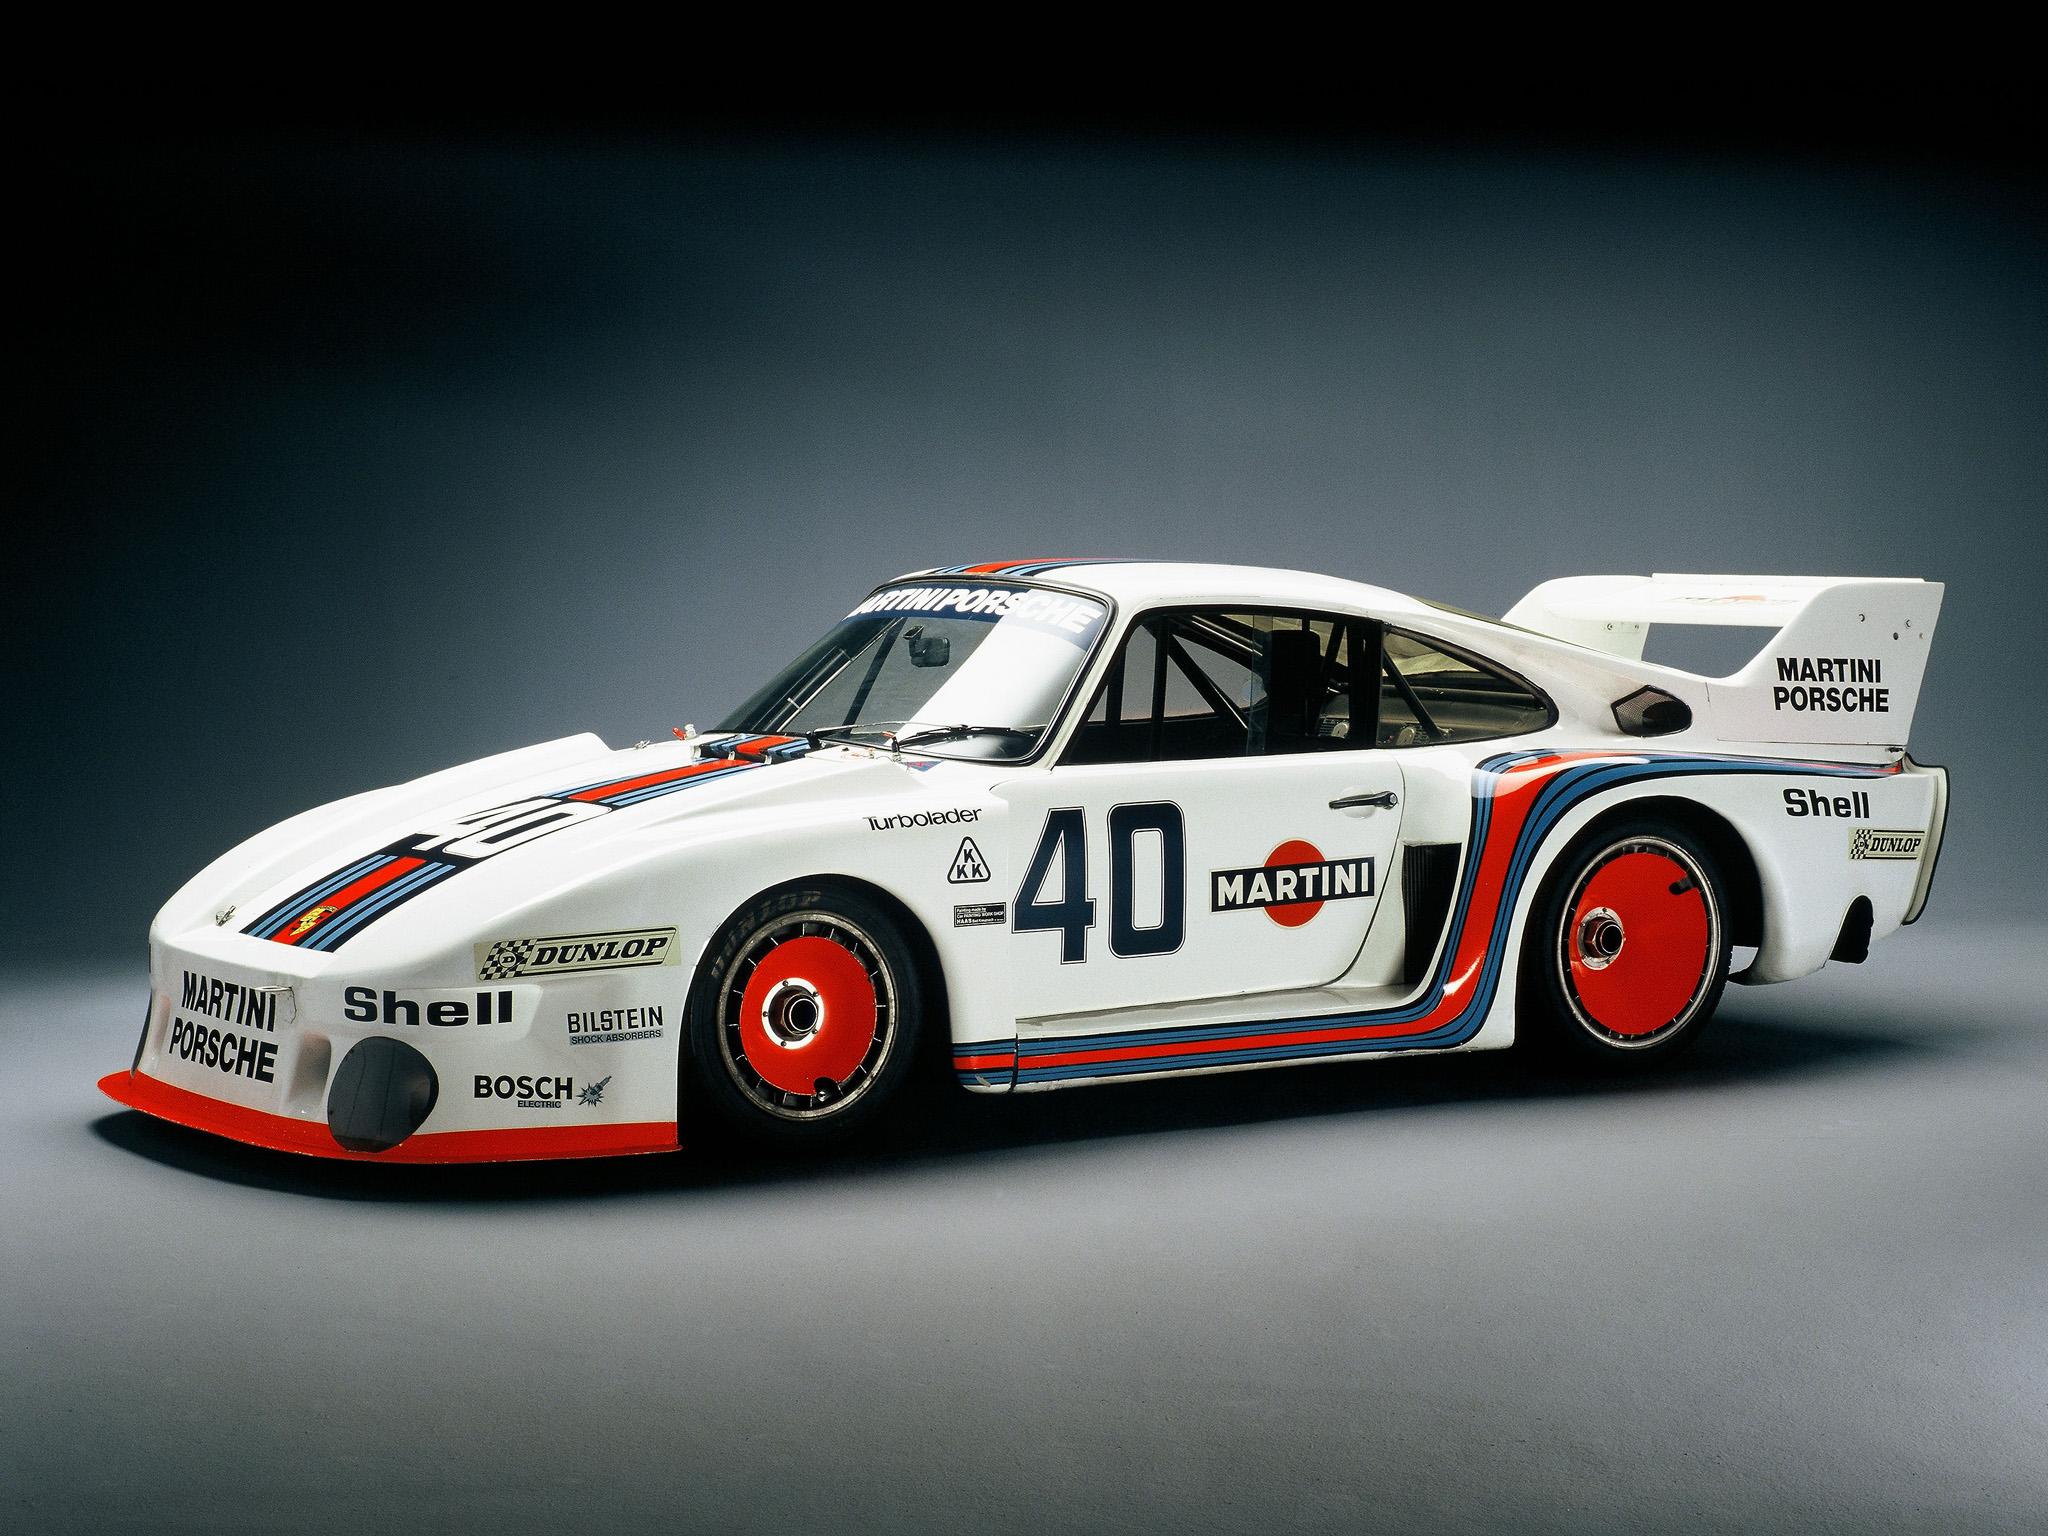 1977_porsche_935_02_baby_race_racing_classic_2048x1536.jpg